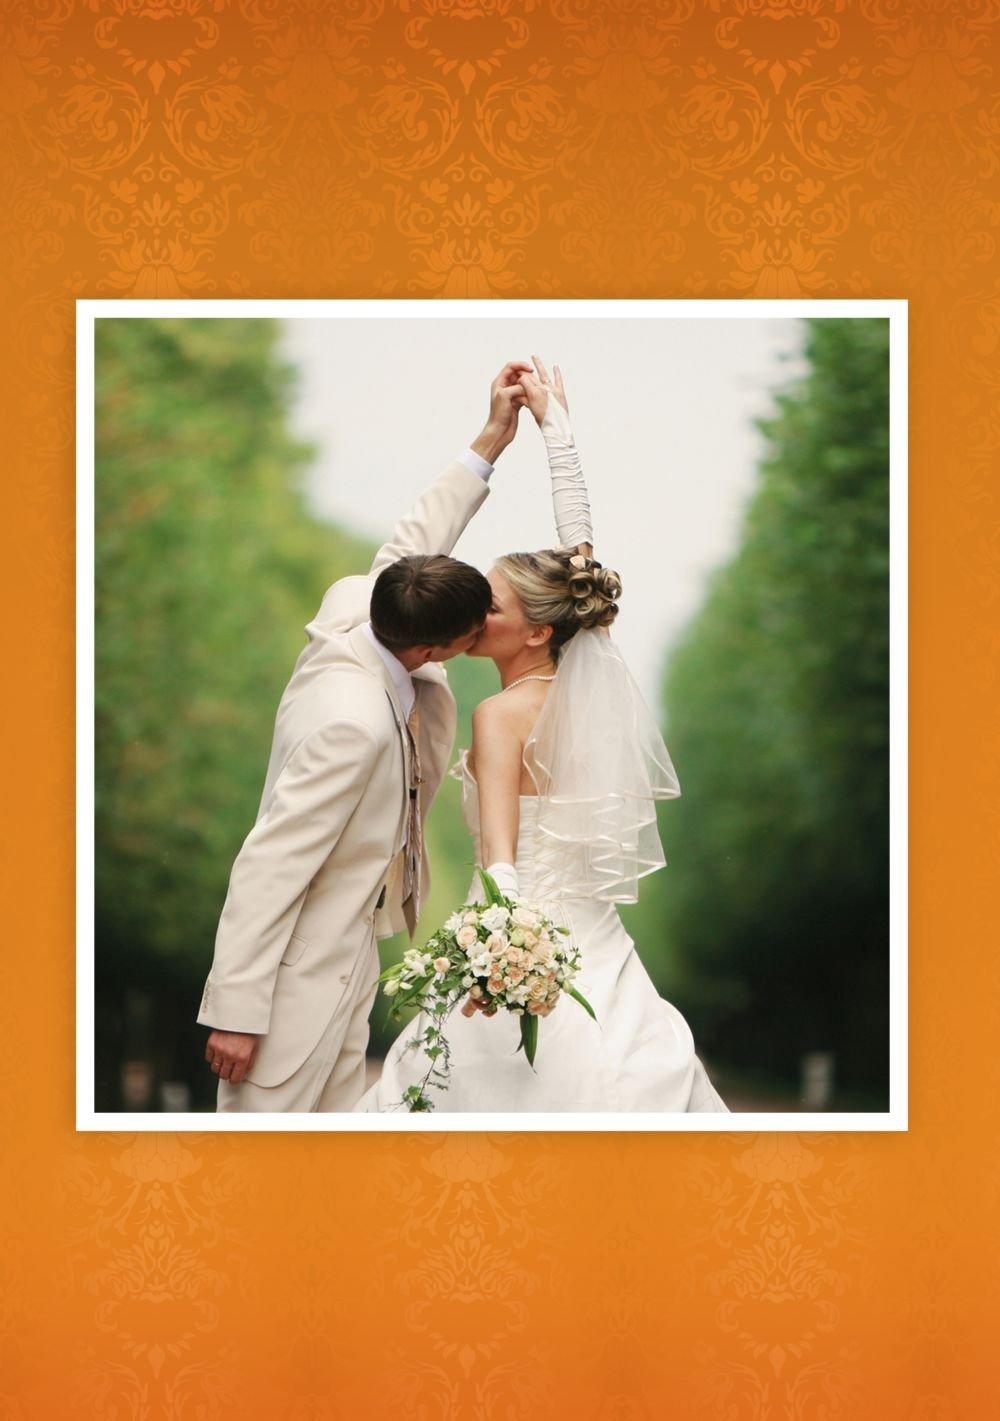 Kartenparadies Danksagung für Hochzeitsgeschenke Hochzeitsgeschenke Hochzeitsgeschenke Hochzeit Danke Eheversprechen, hochwertige Danksagungskarte Hochzeitsglückwünsche inklusive Umschläge   20 Karten - (Format  105x148 mm) Farbe  Orange B01N24W178 | Der Schatz des Kindes, b7c3d9